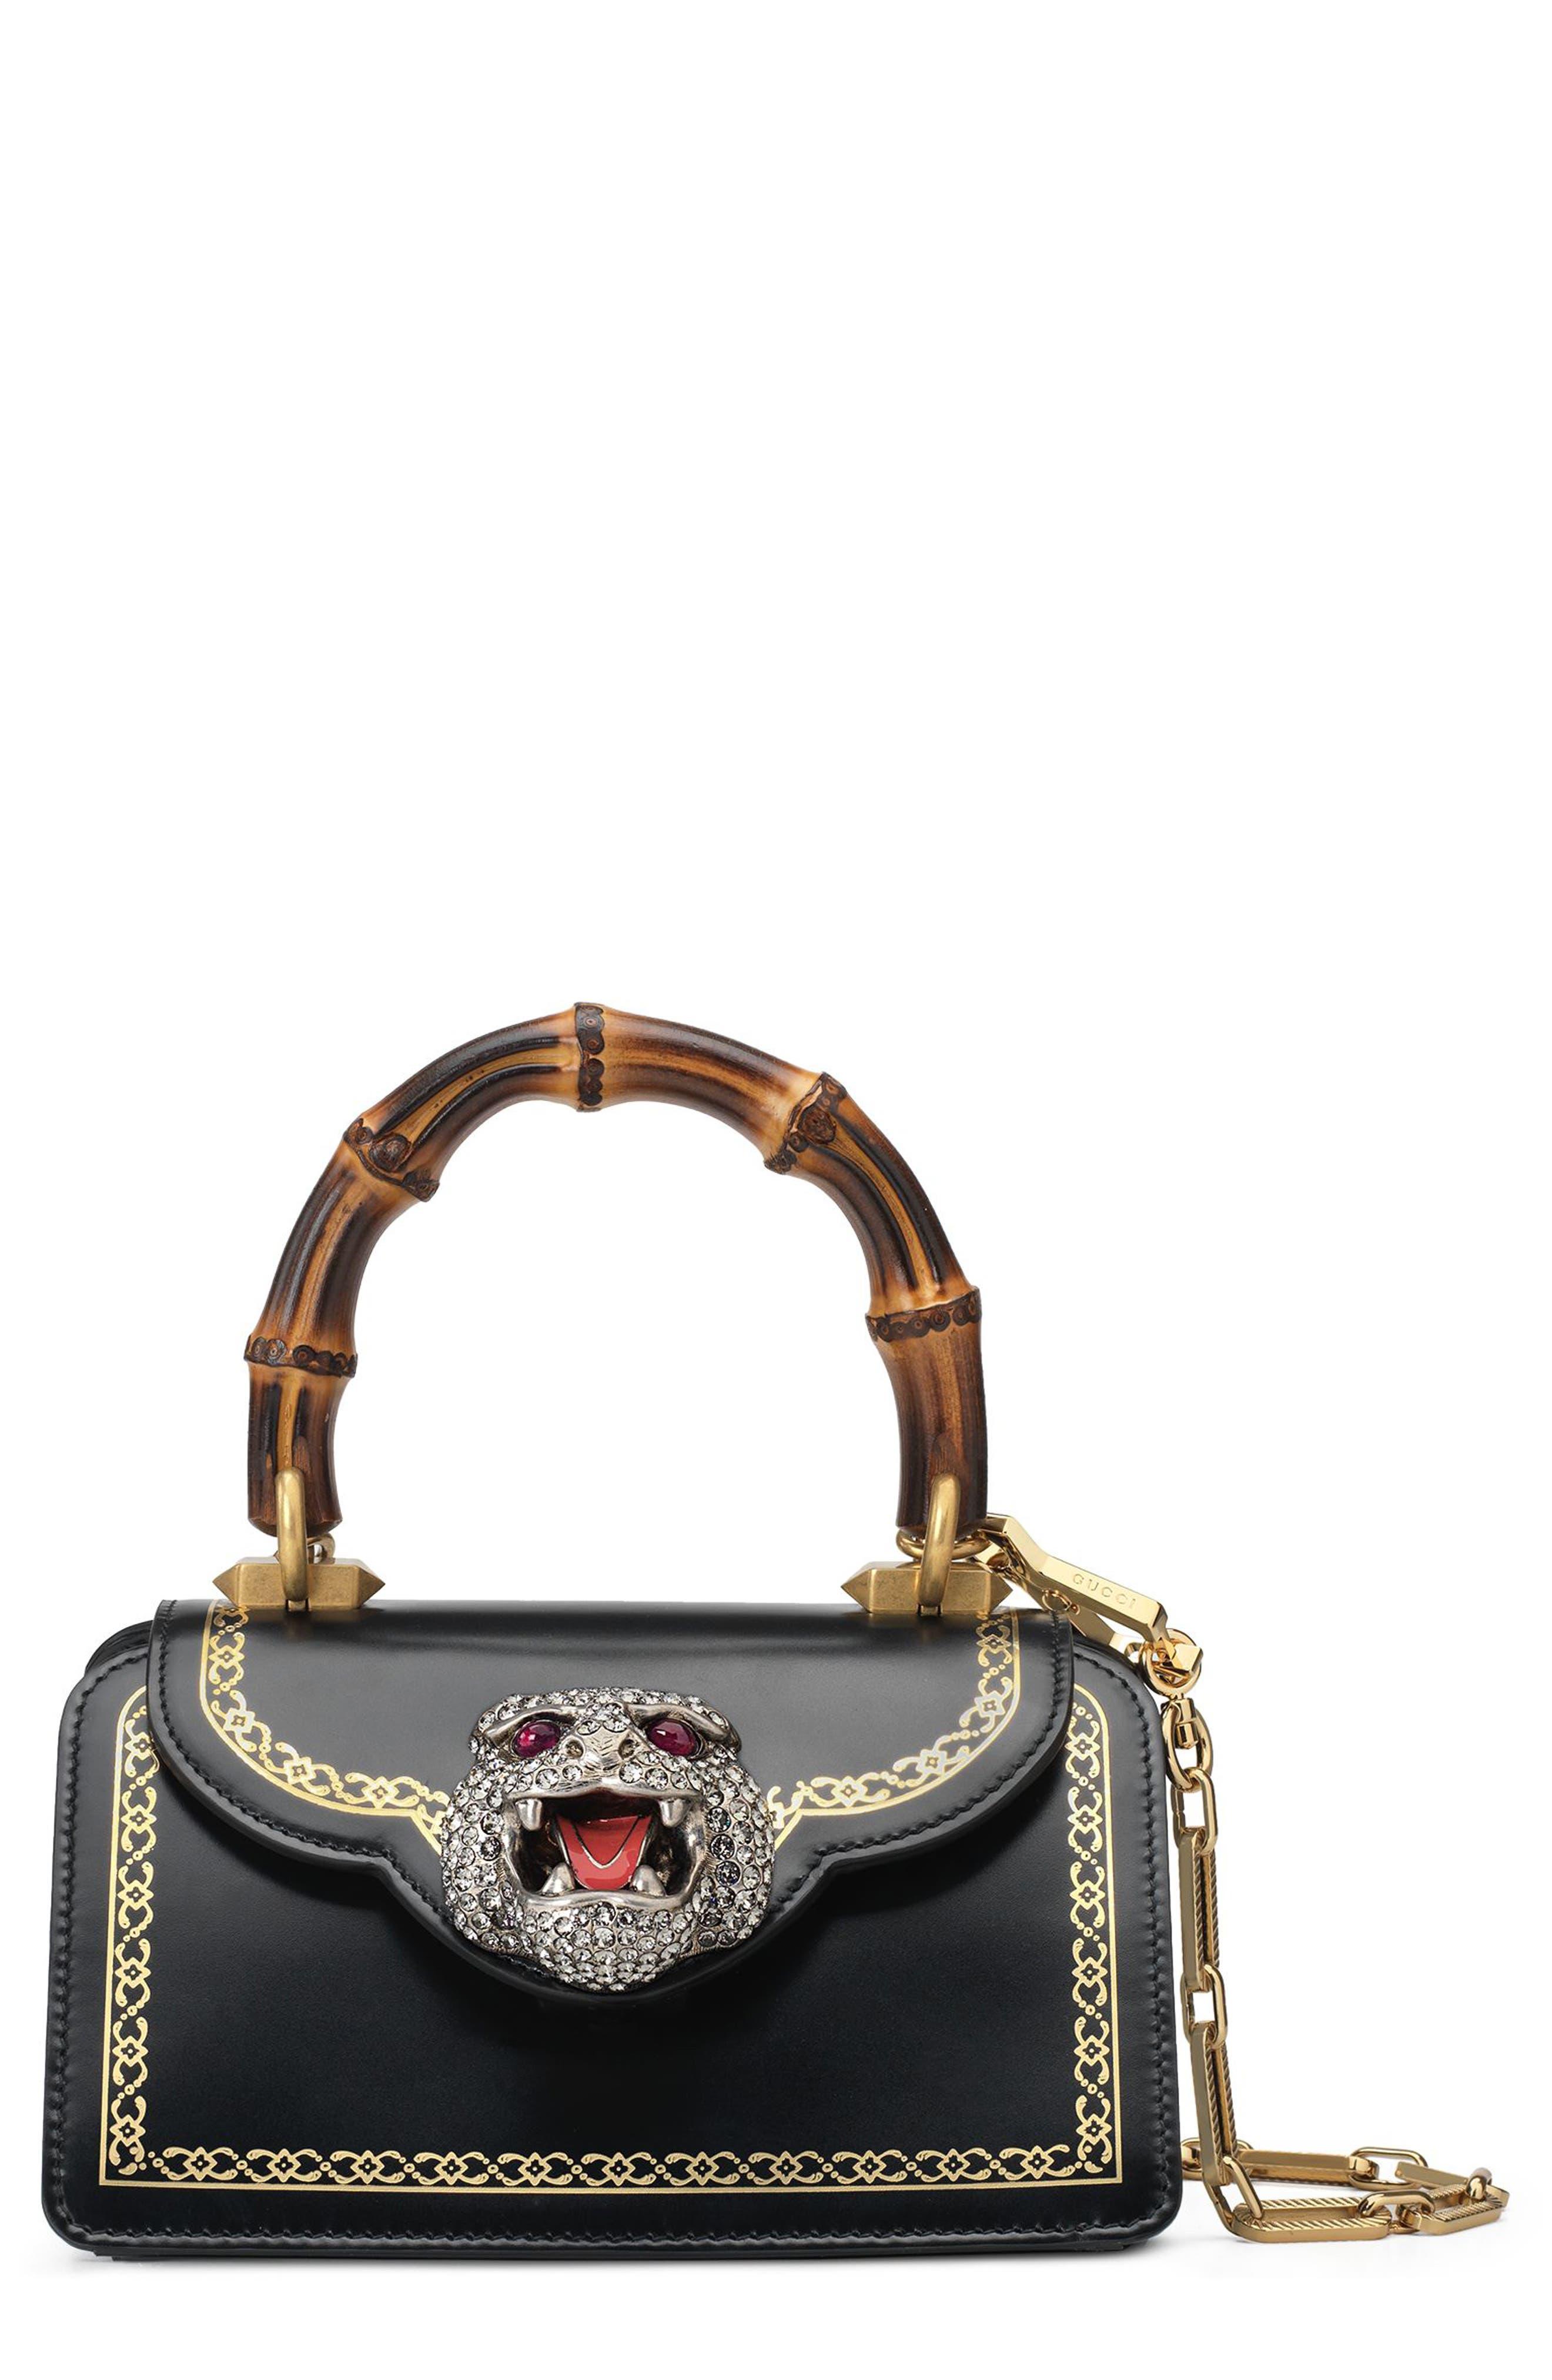 Gucci Mini Gatto Top Handle Leather Satchel